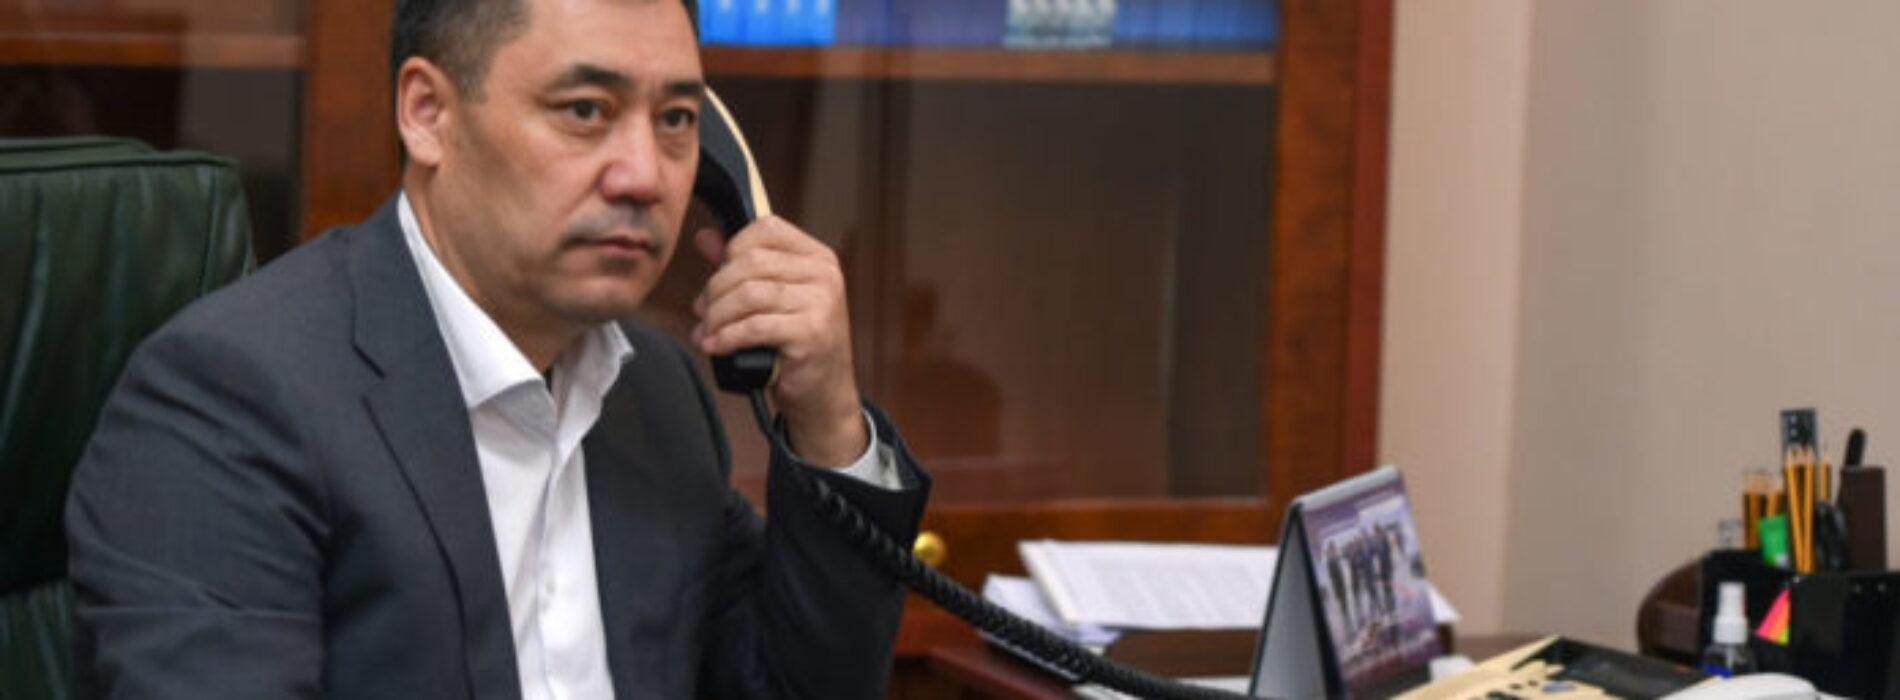 Новые власти Киргизии объявили войну криминалу и коррупции